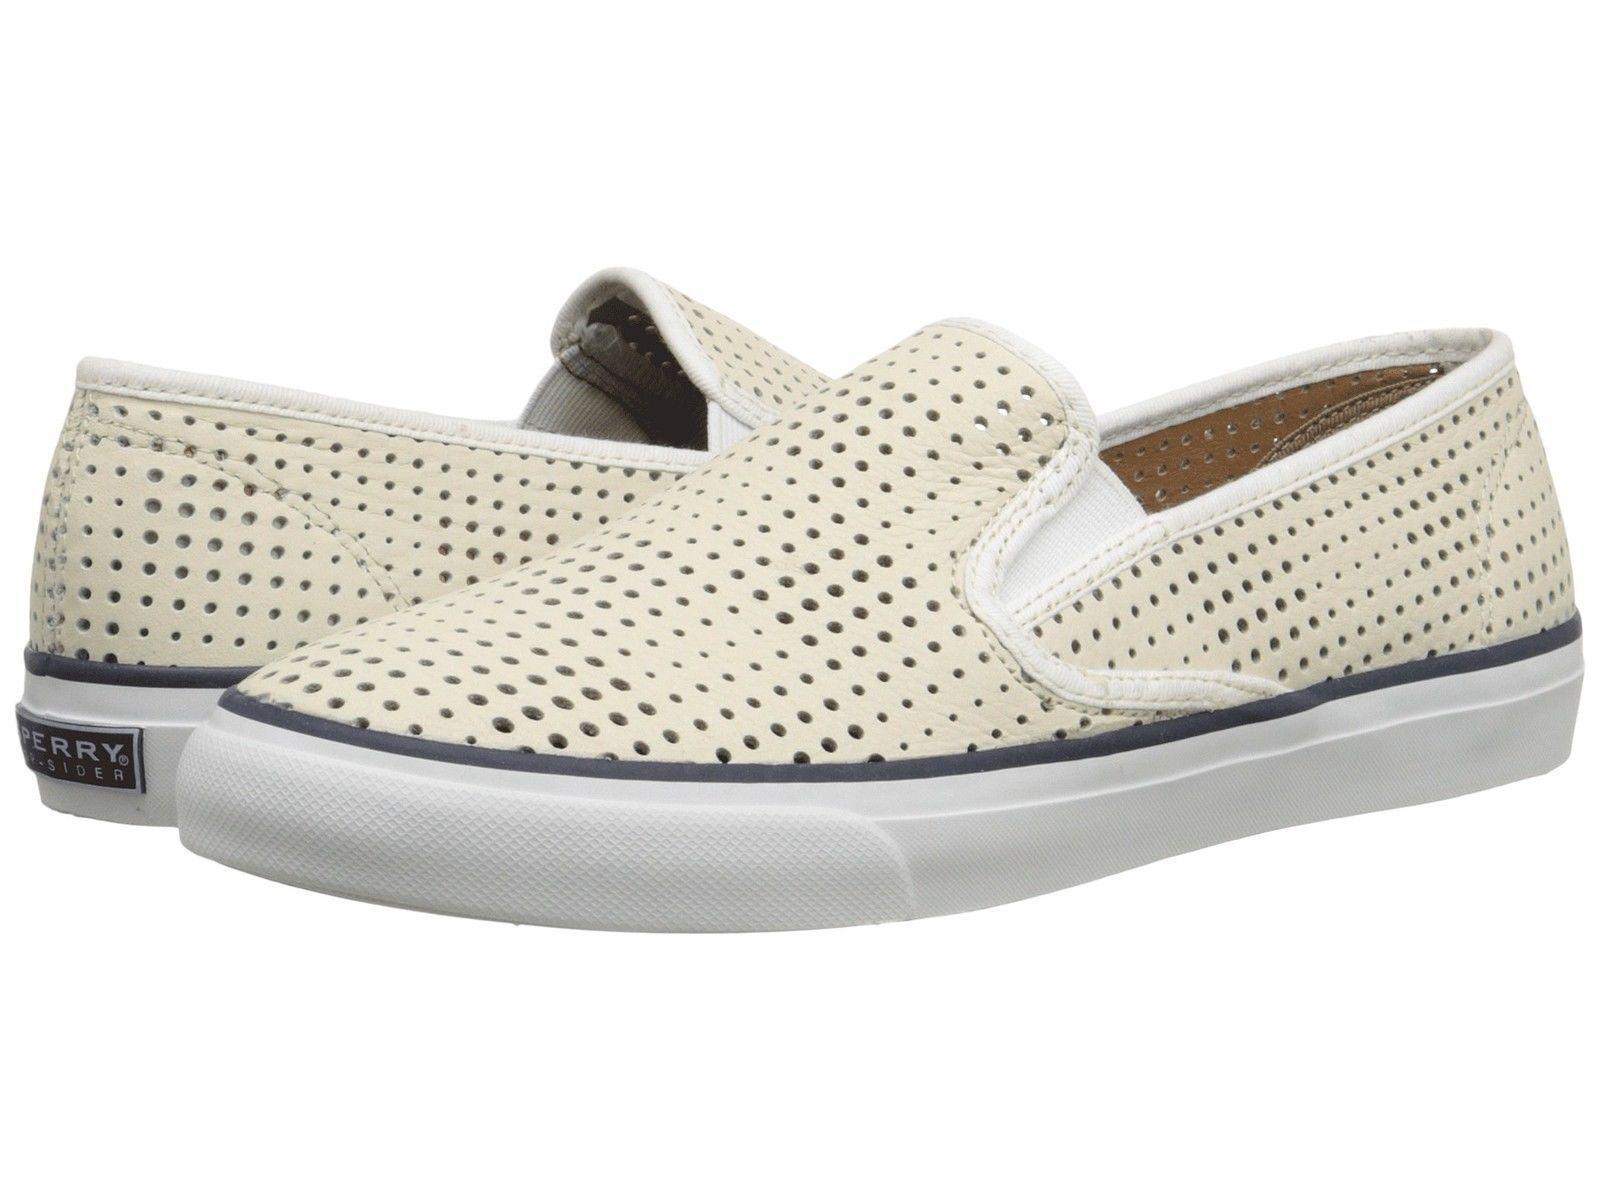 SPERRY TOP SIDER SEASIDE PERFORATED PERF bianca donna scarpe da ginnastica BOAT scarpe